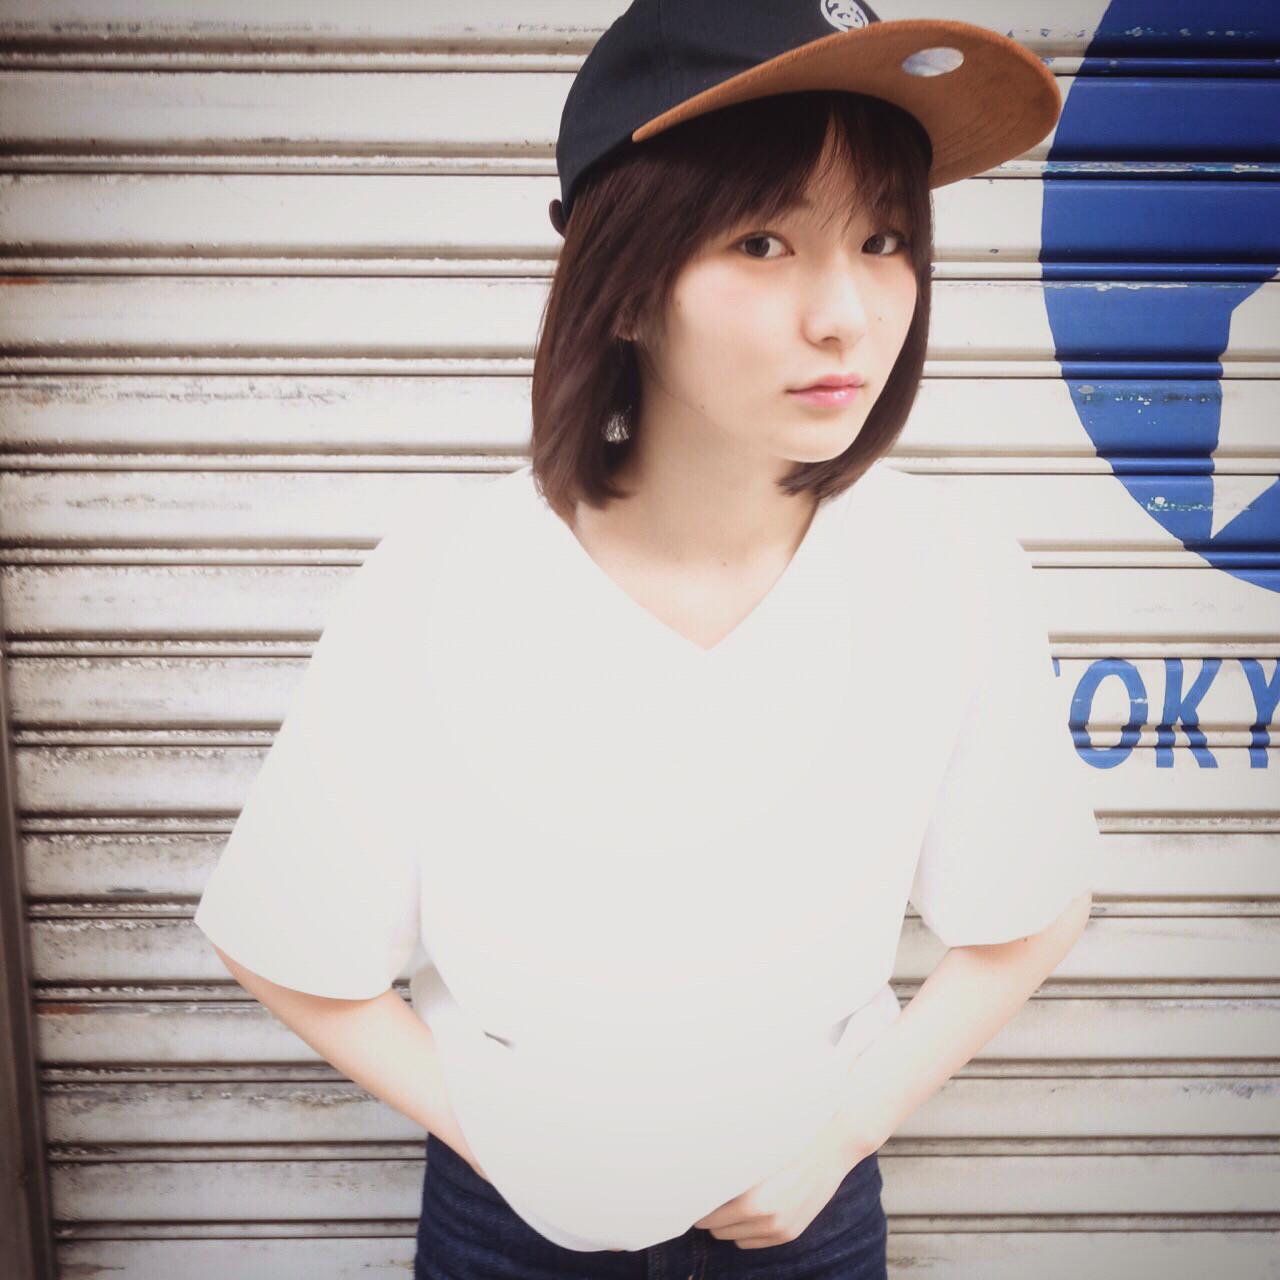 キャップや帽子で似合わせアレンジ♡もっとかわいく攻めちゃおう!